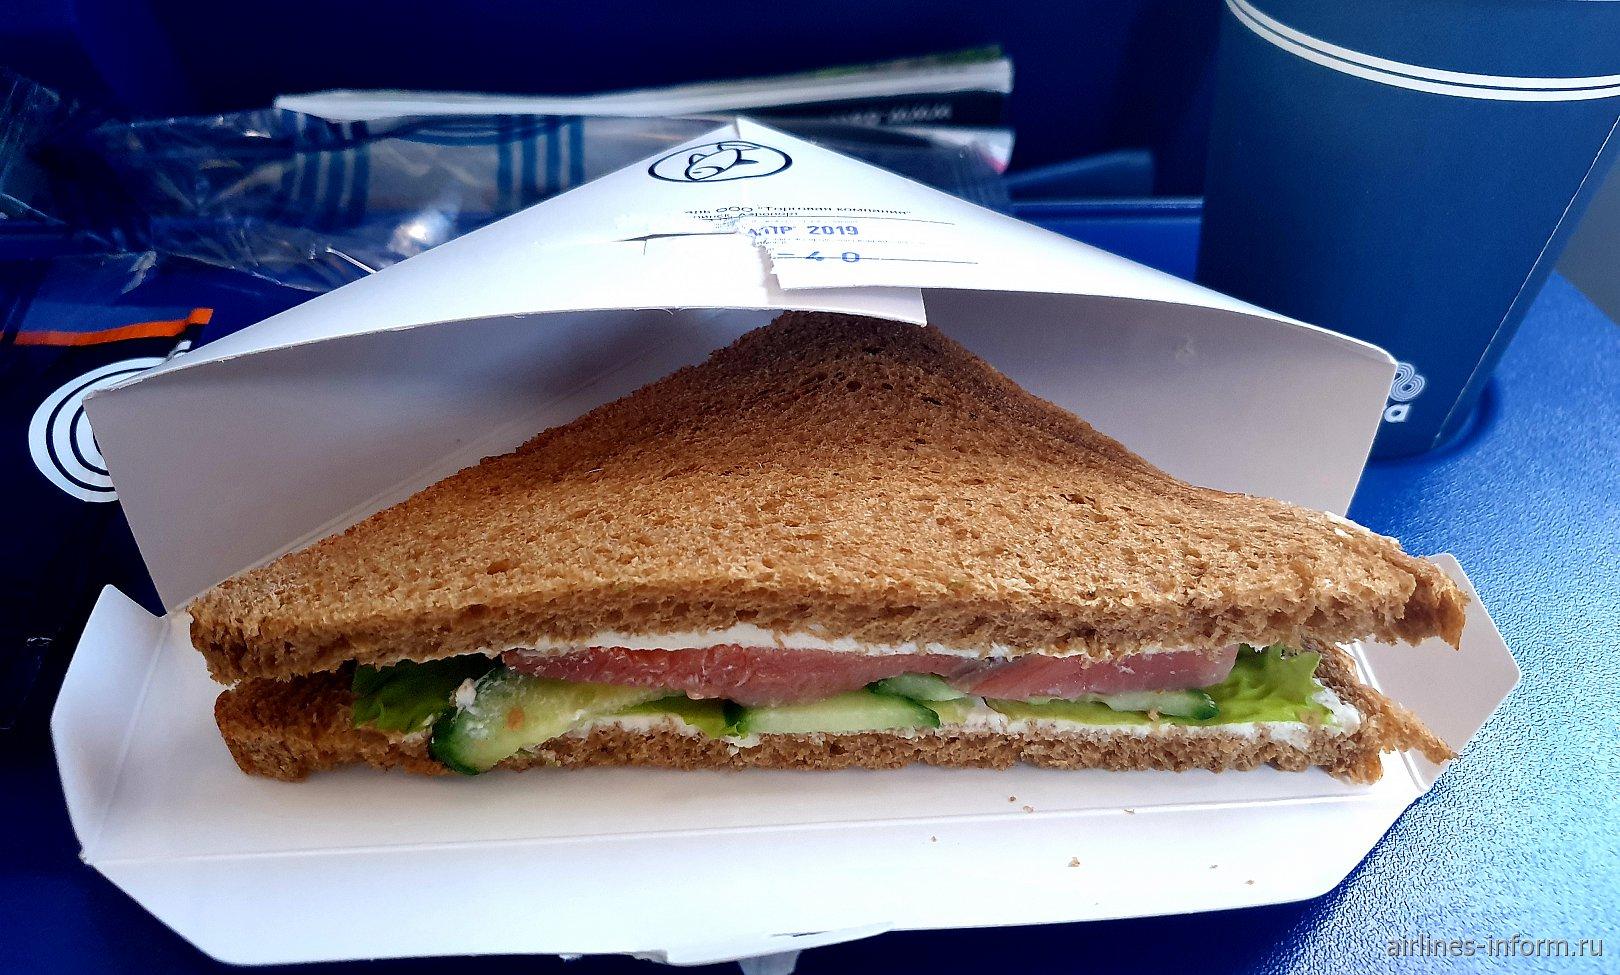 """Сэндвич с овощами и рыбой на рейсе Южно-Сахалинск-Хабаровск авиакомпании """"Аврора"""""""